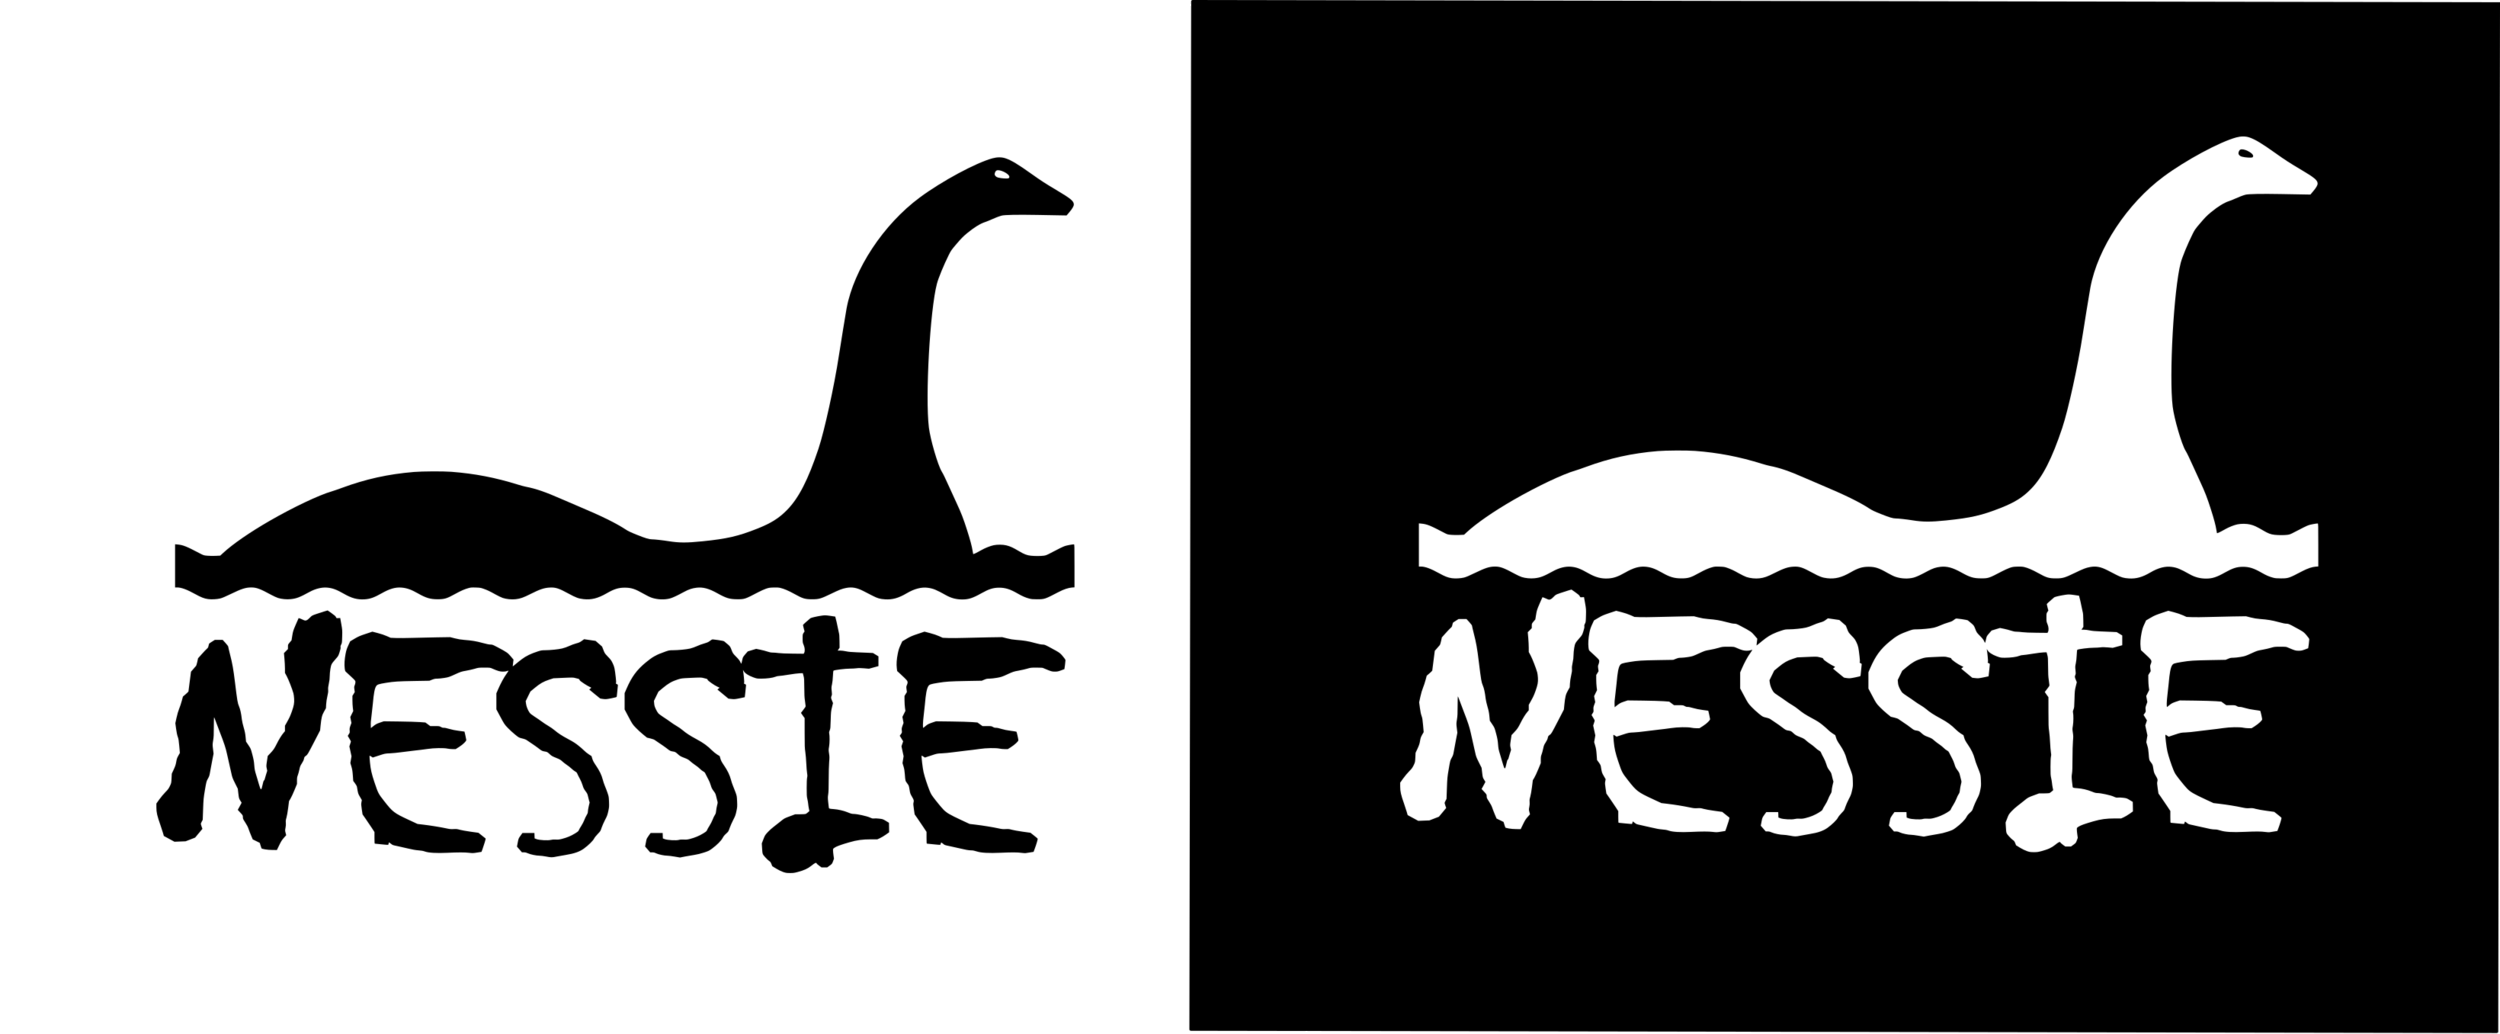 Nessie - Measures 4.5x3.5